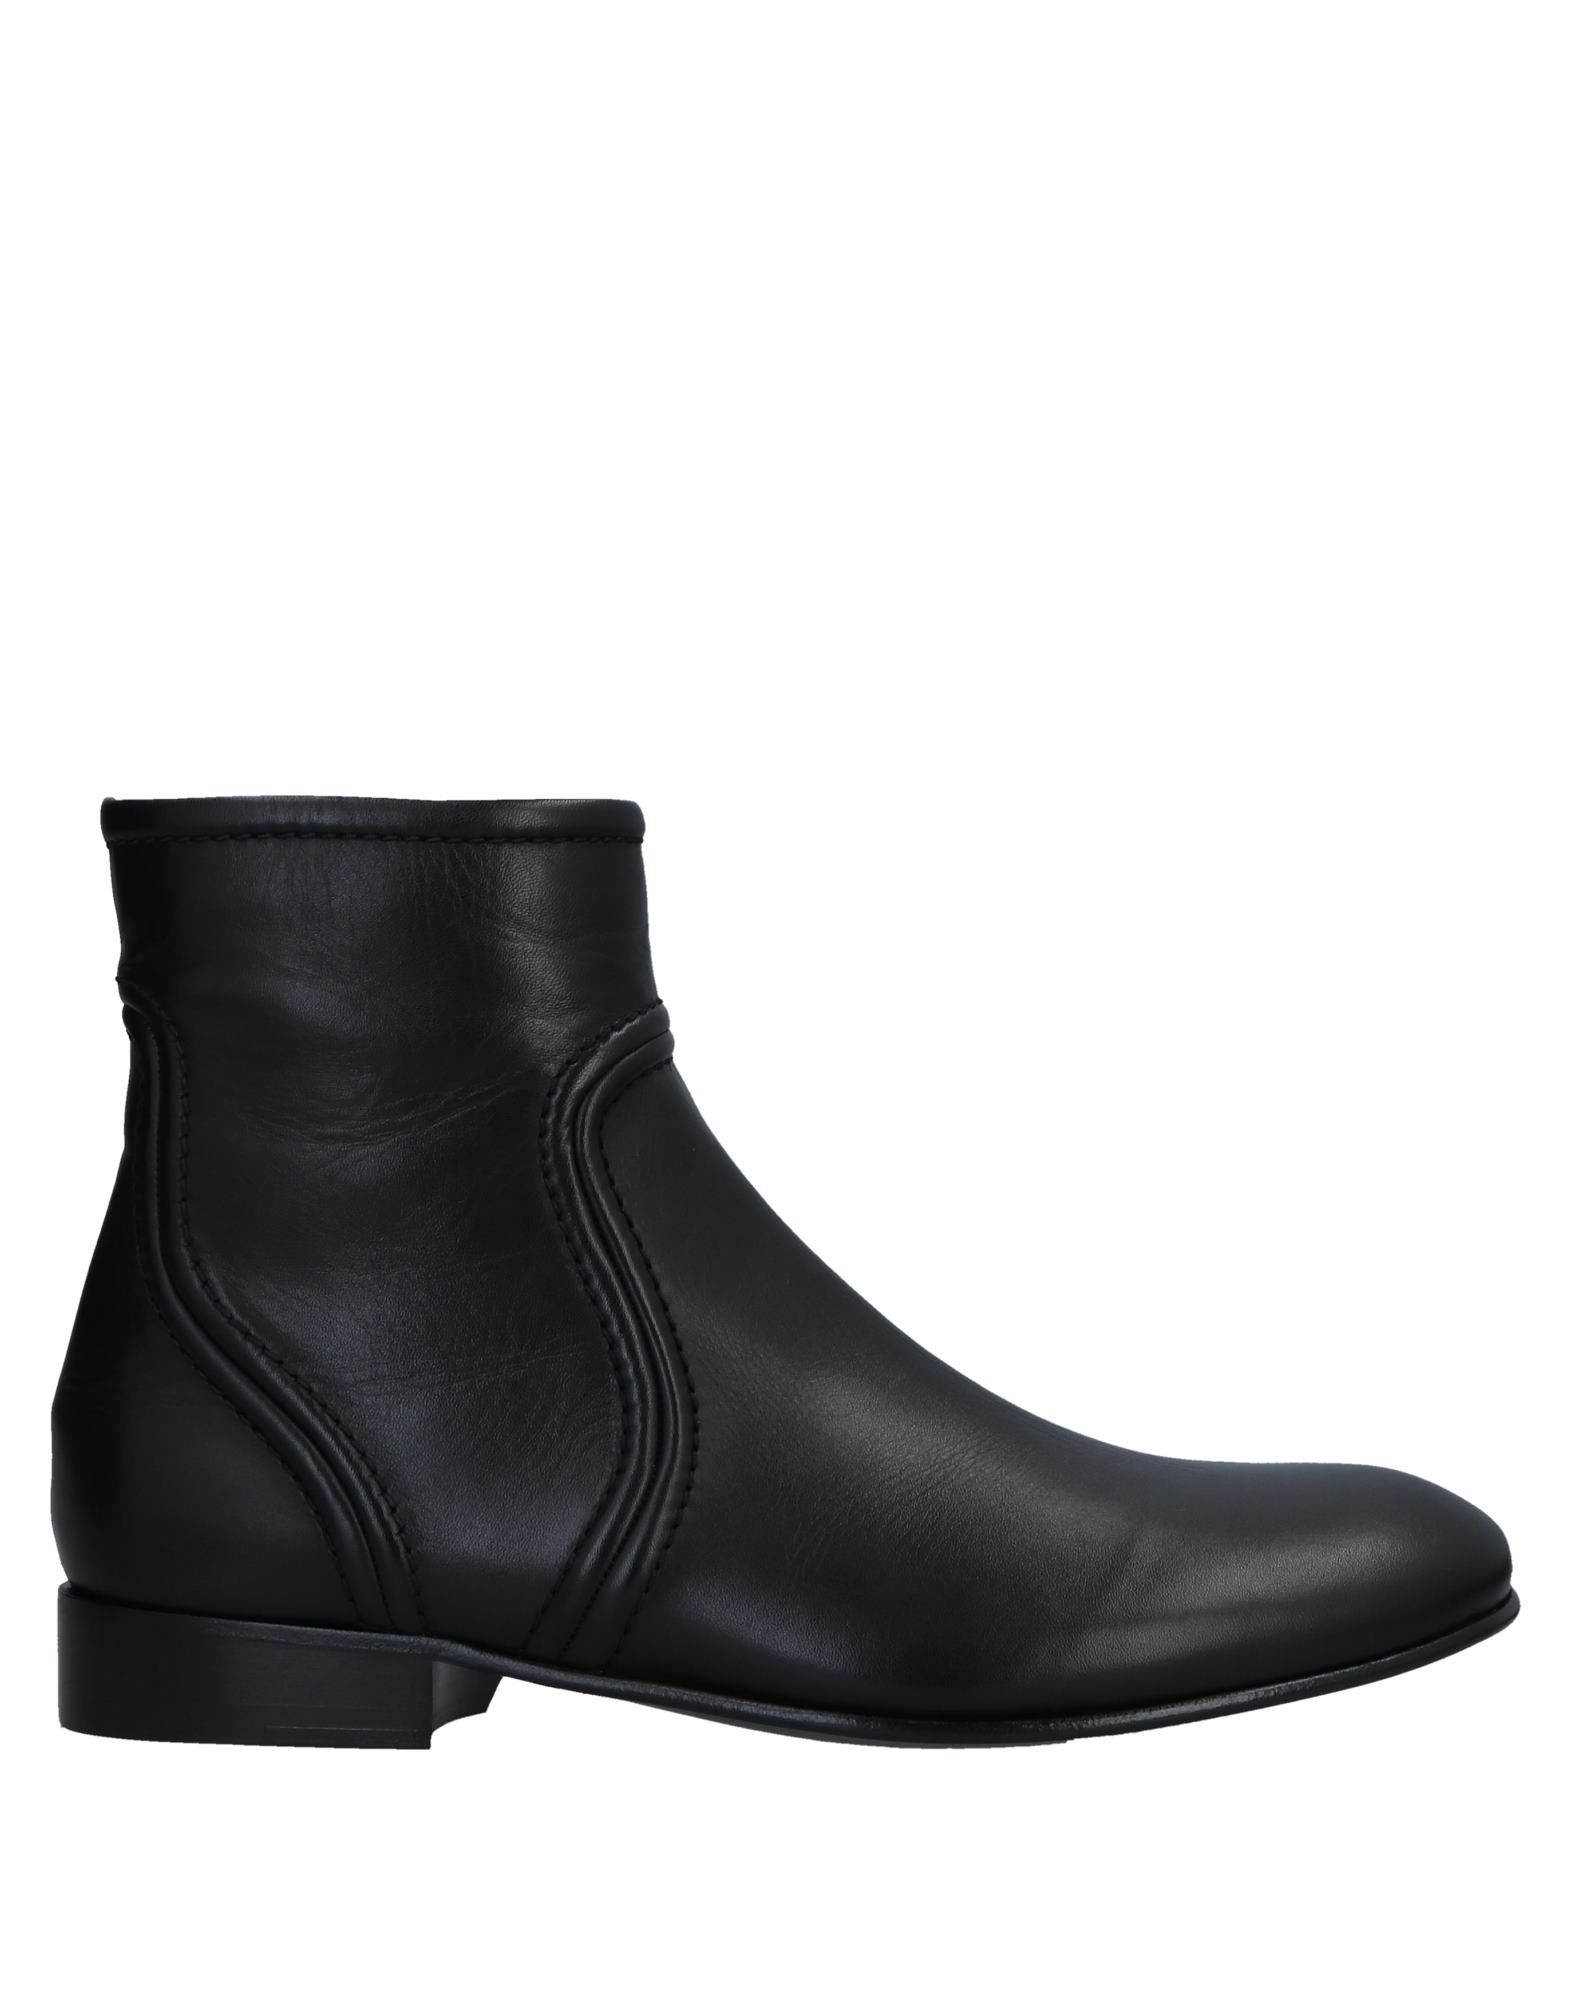 Valentino 11514852GD Garavani Stiefelette Herren  11514852GD Valentino Gute Qualität beliebte Schuhe 603758